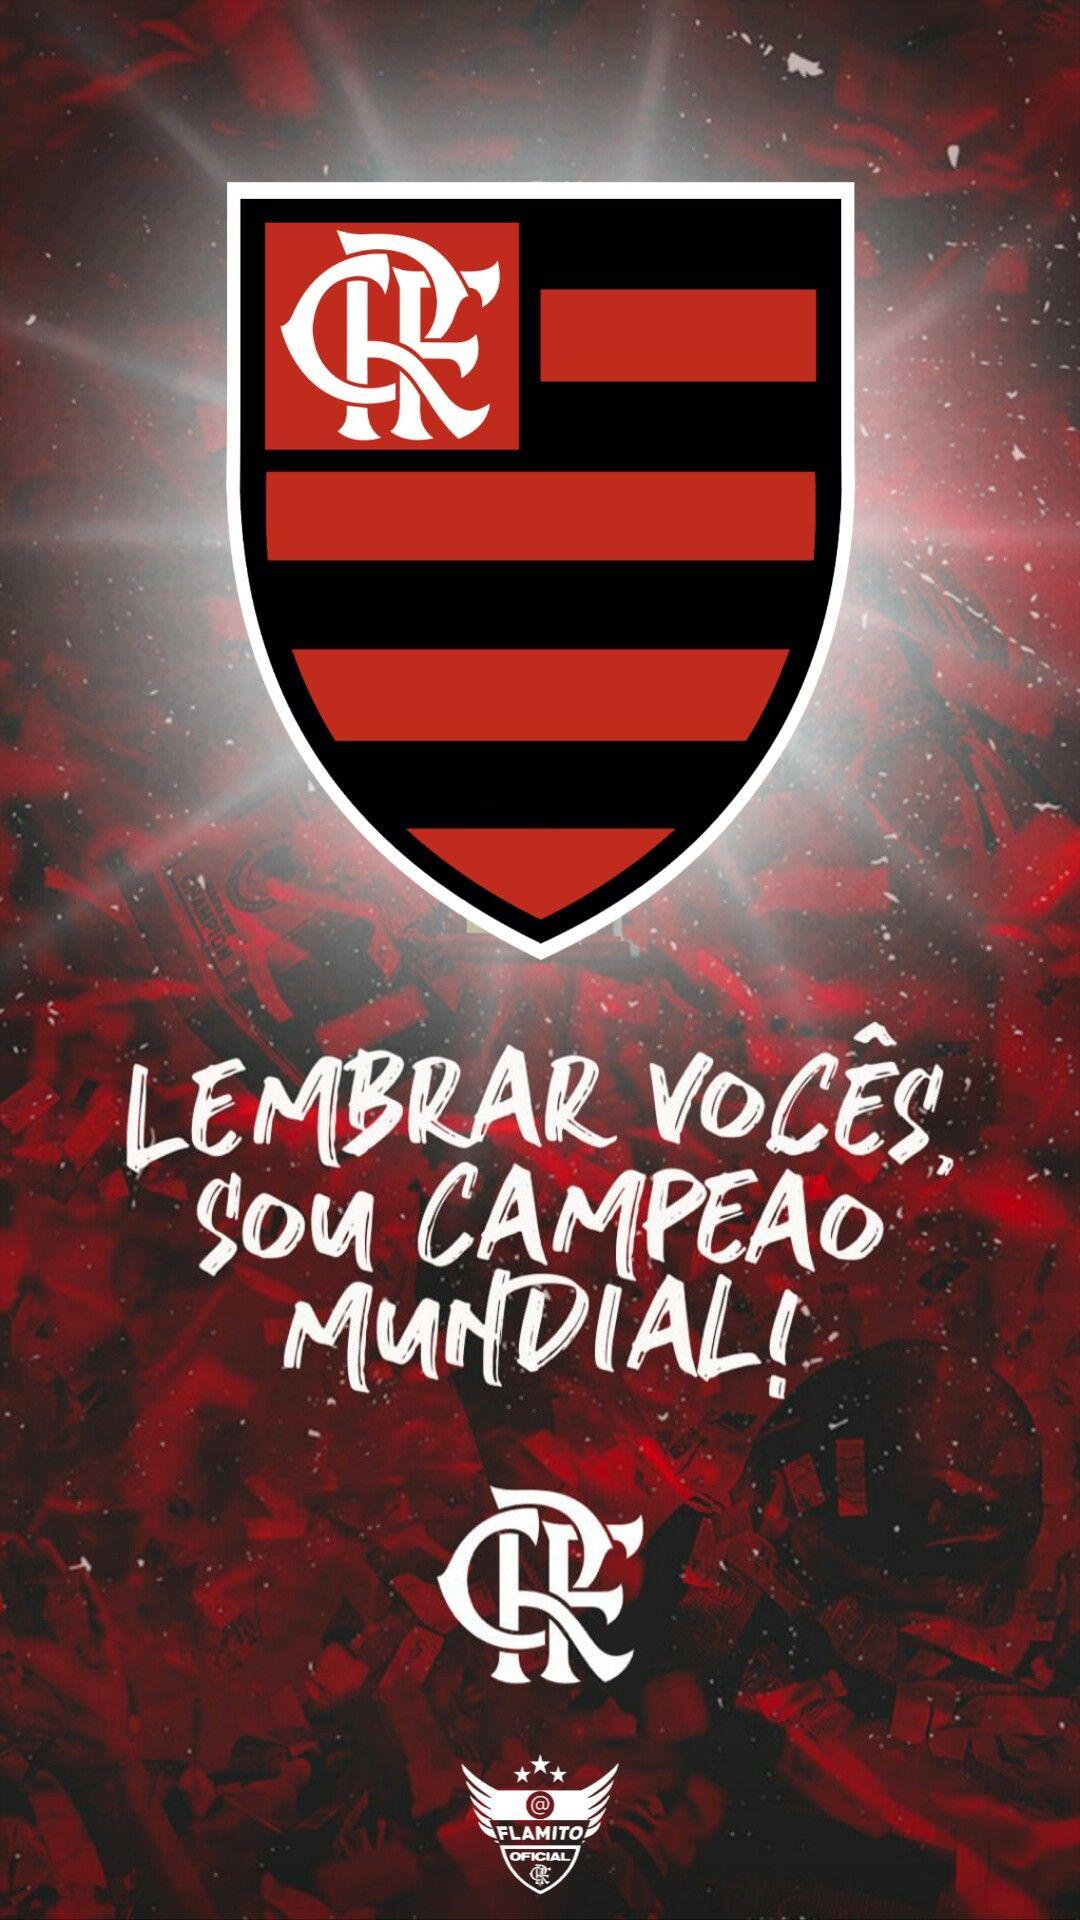 Flamengo Wallpaper Papel De Parede Fotos De Flamengo Flamengo Wallpaper Libertadores Flamengo